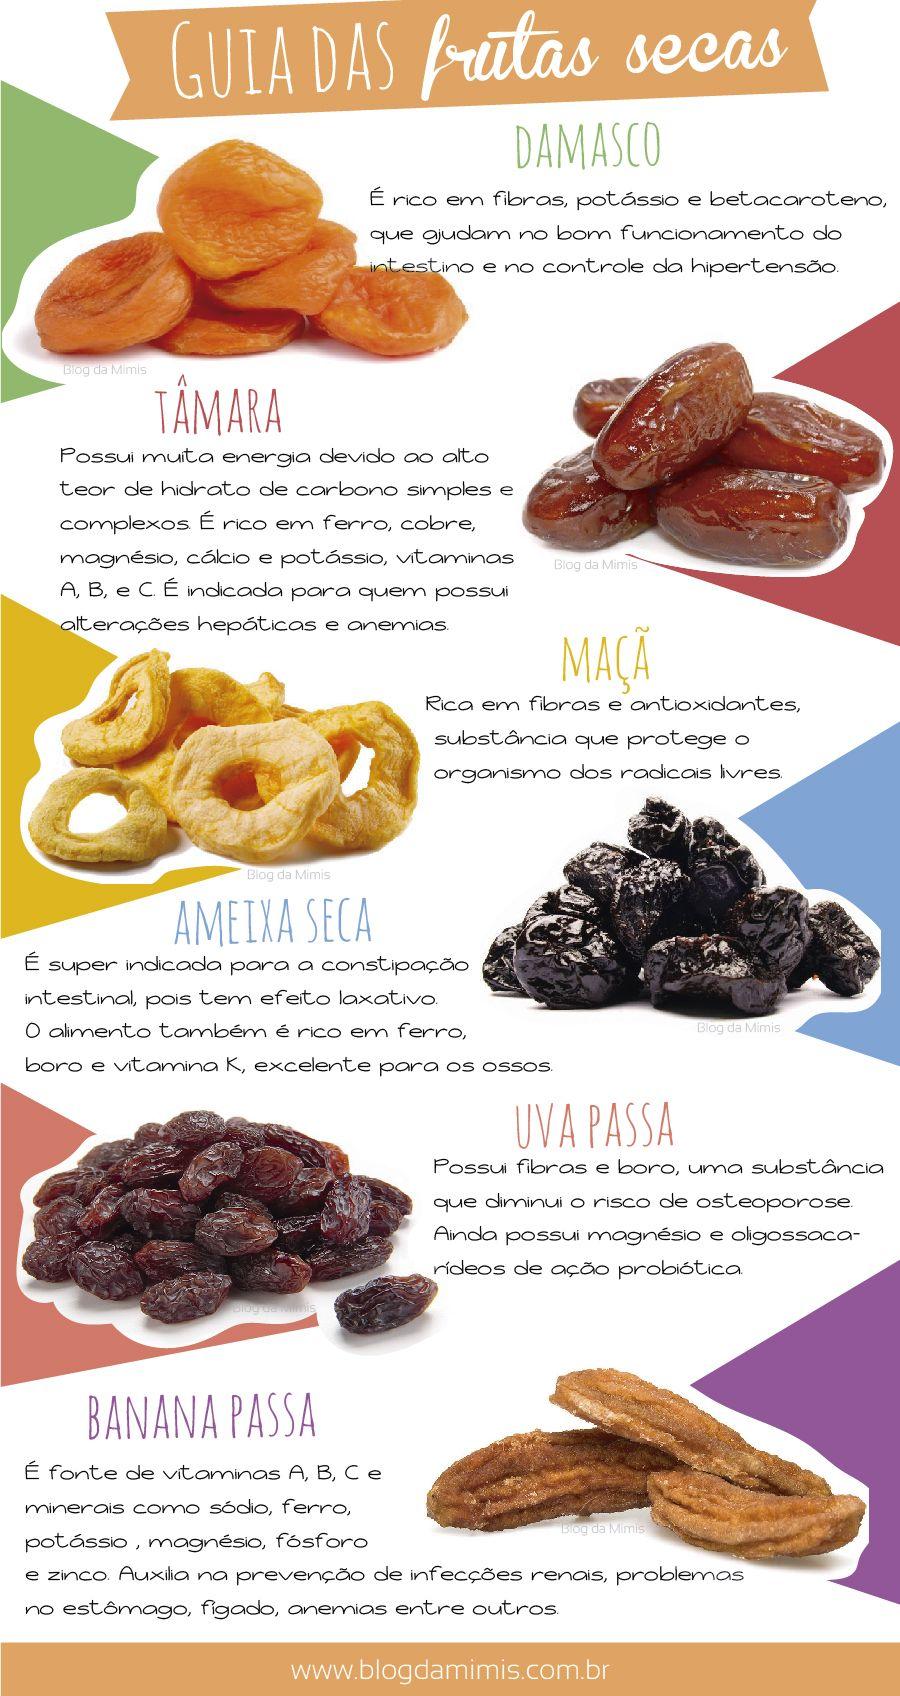 Frutas Secas Na Dieta Saudavel Com Imagens Dicas De Nutricao